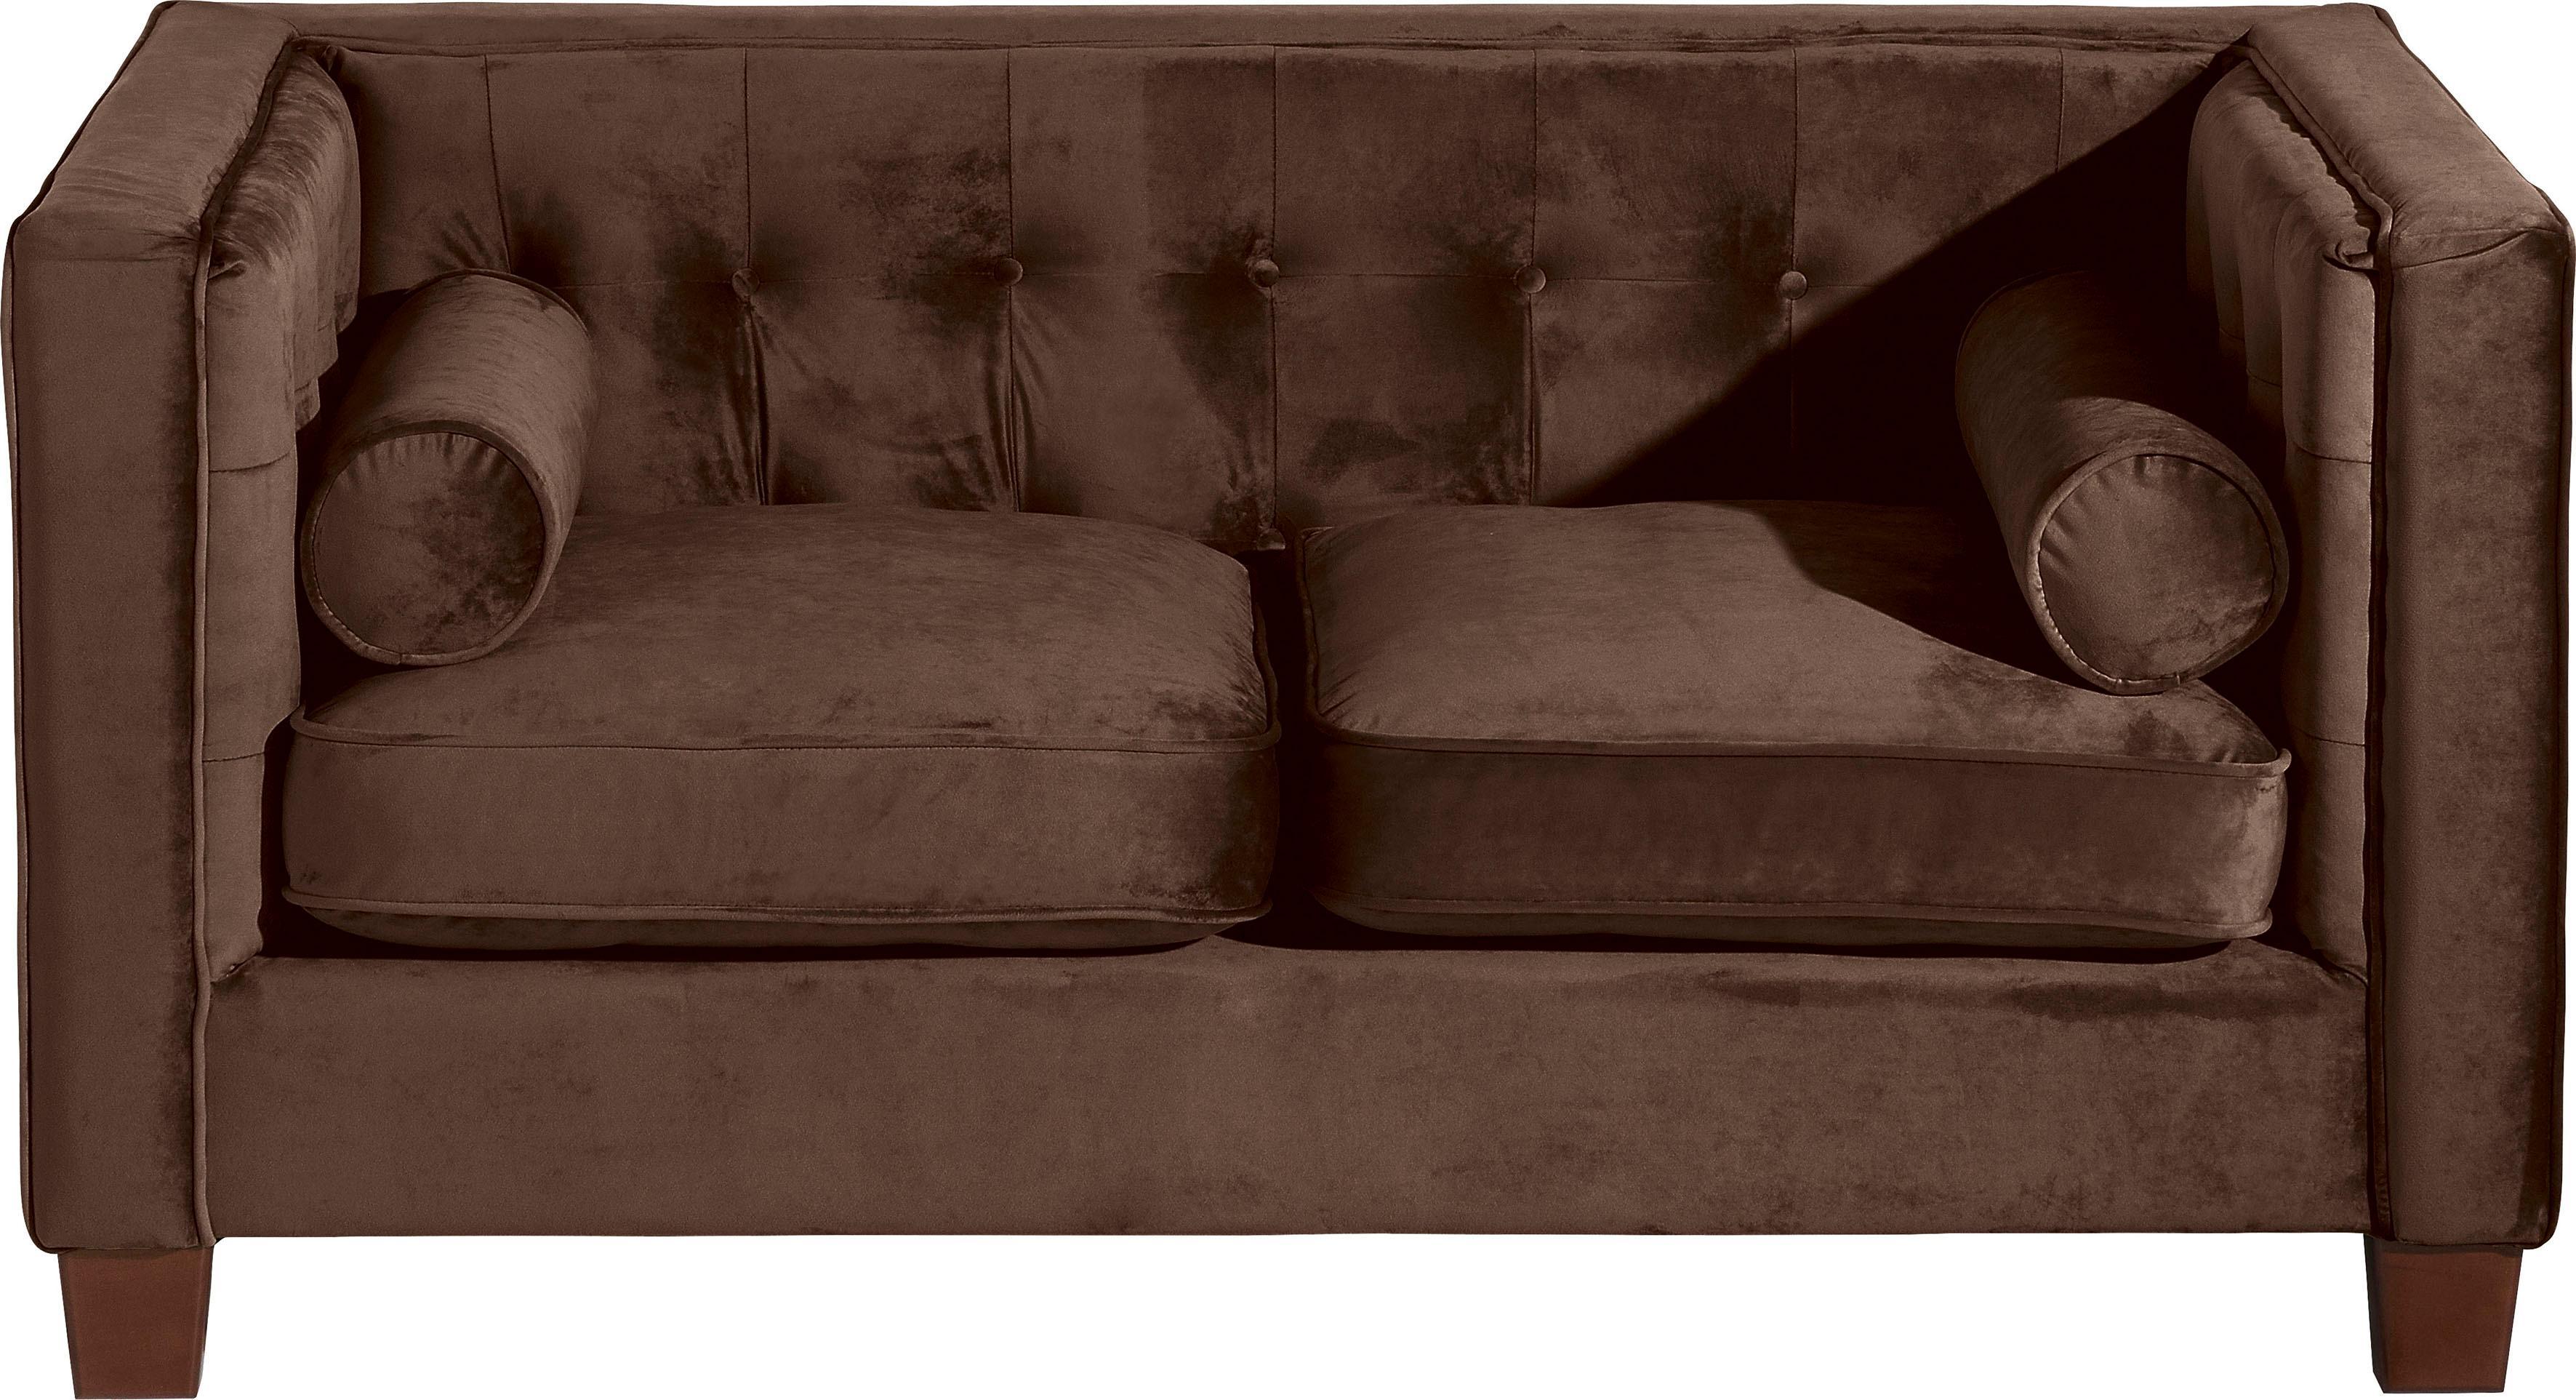 Max Winzer 2-Sitzer Sofa Jobbi mit Steppung im Rücken inklusive 2 Kissenrollen Breite 154 cm